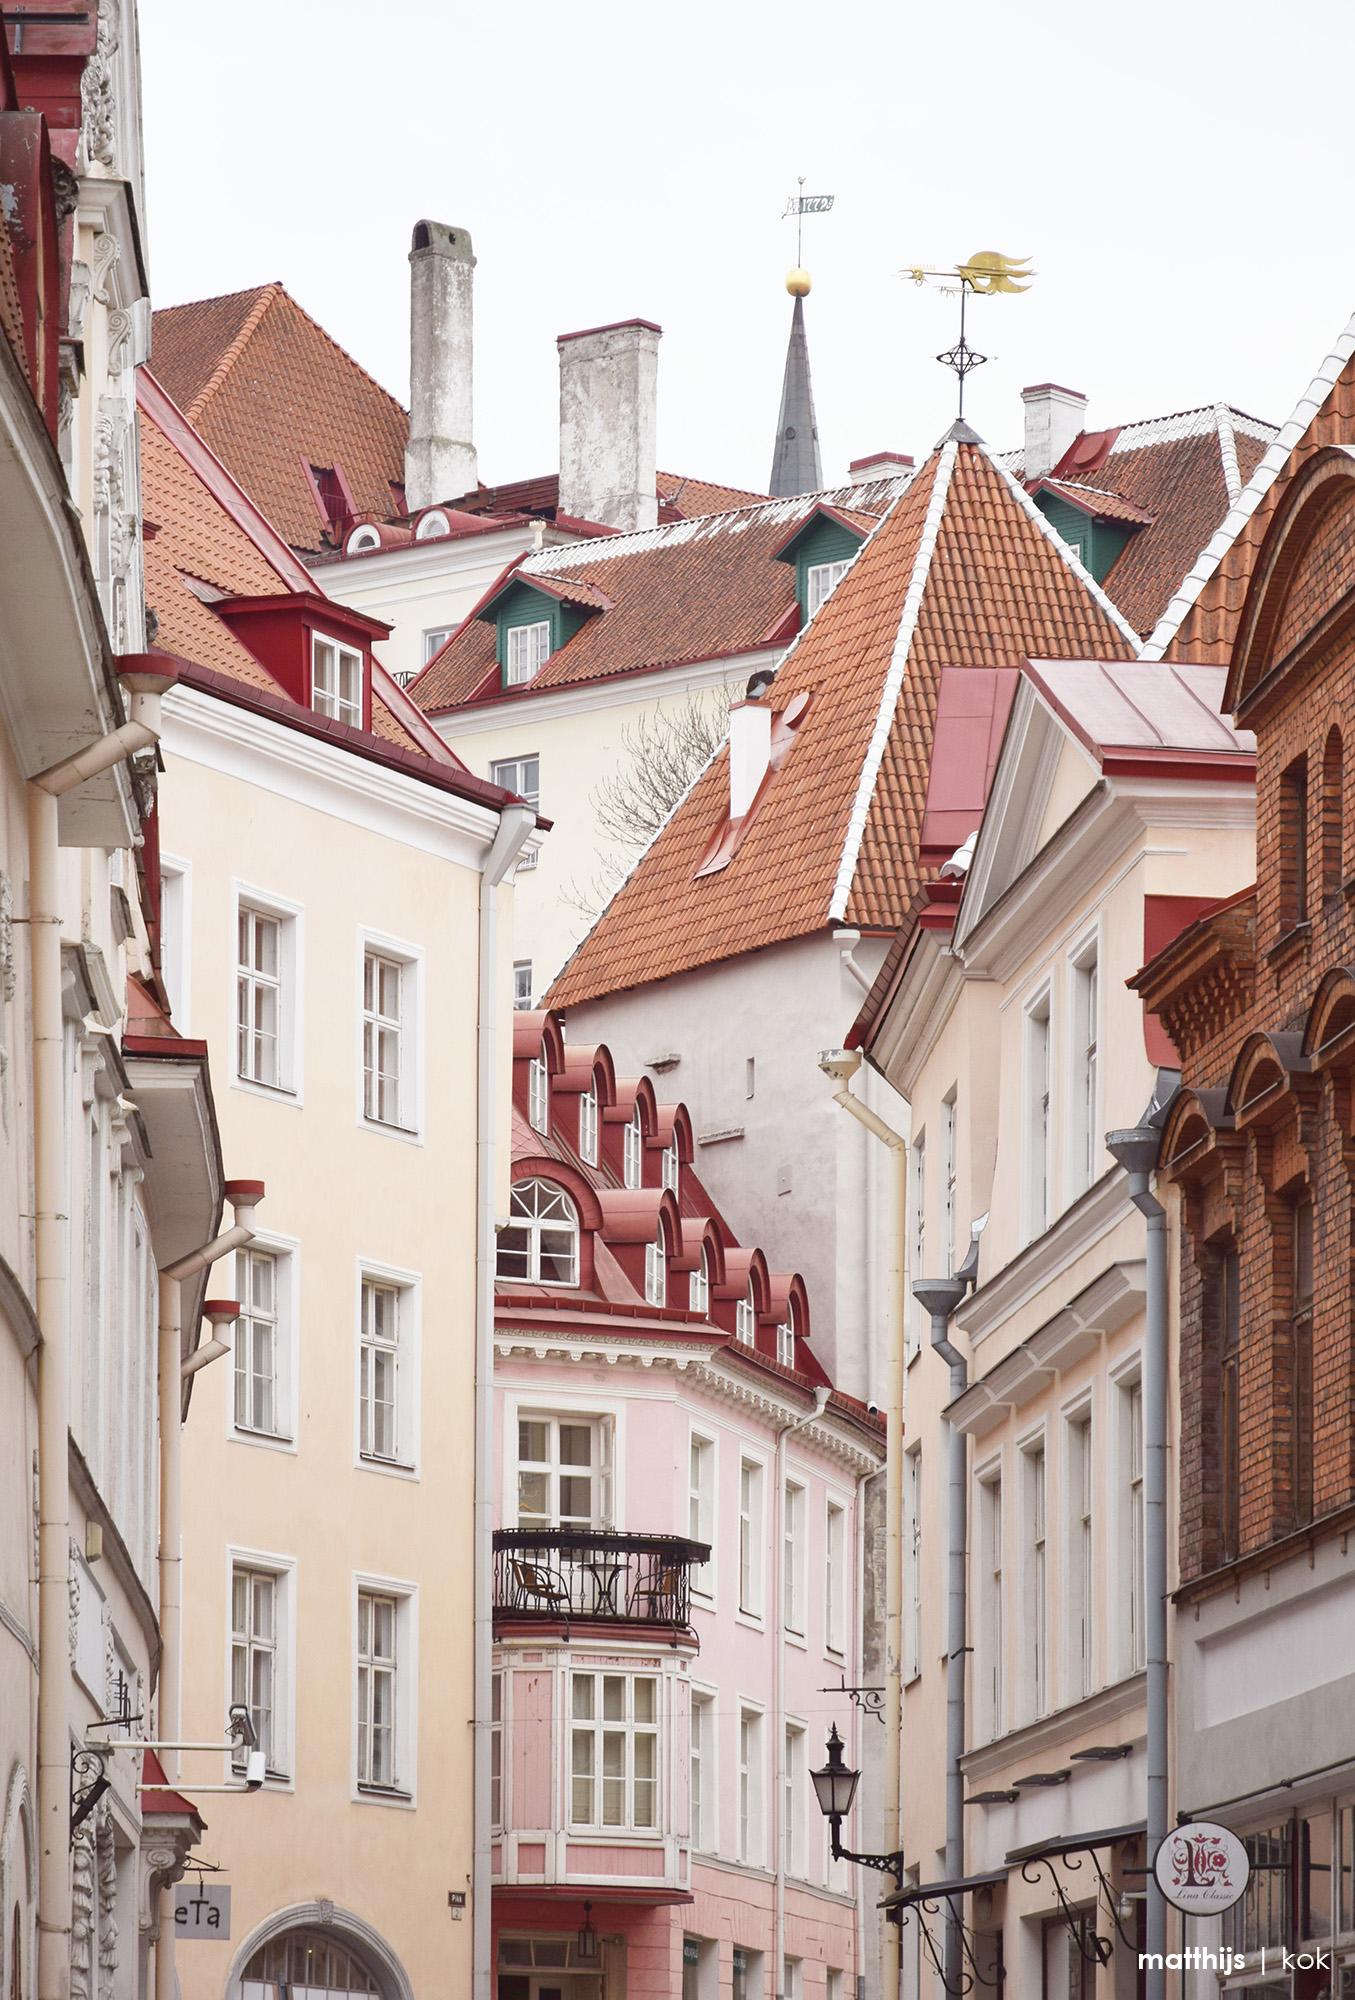 Roofs of Tallinn, Estonia   Photo by Matthijs Kok